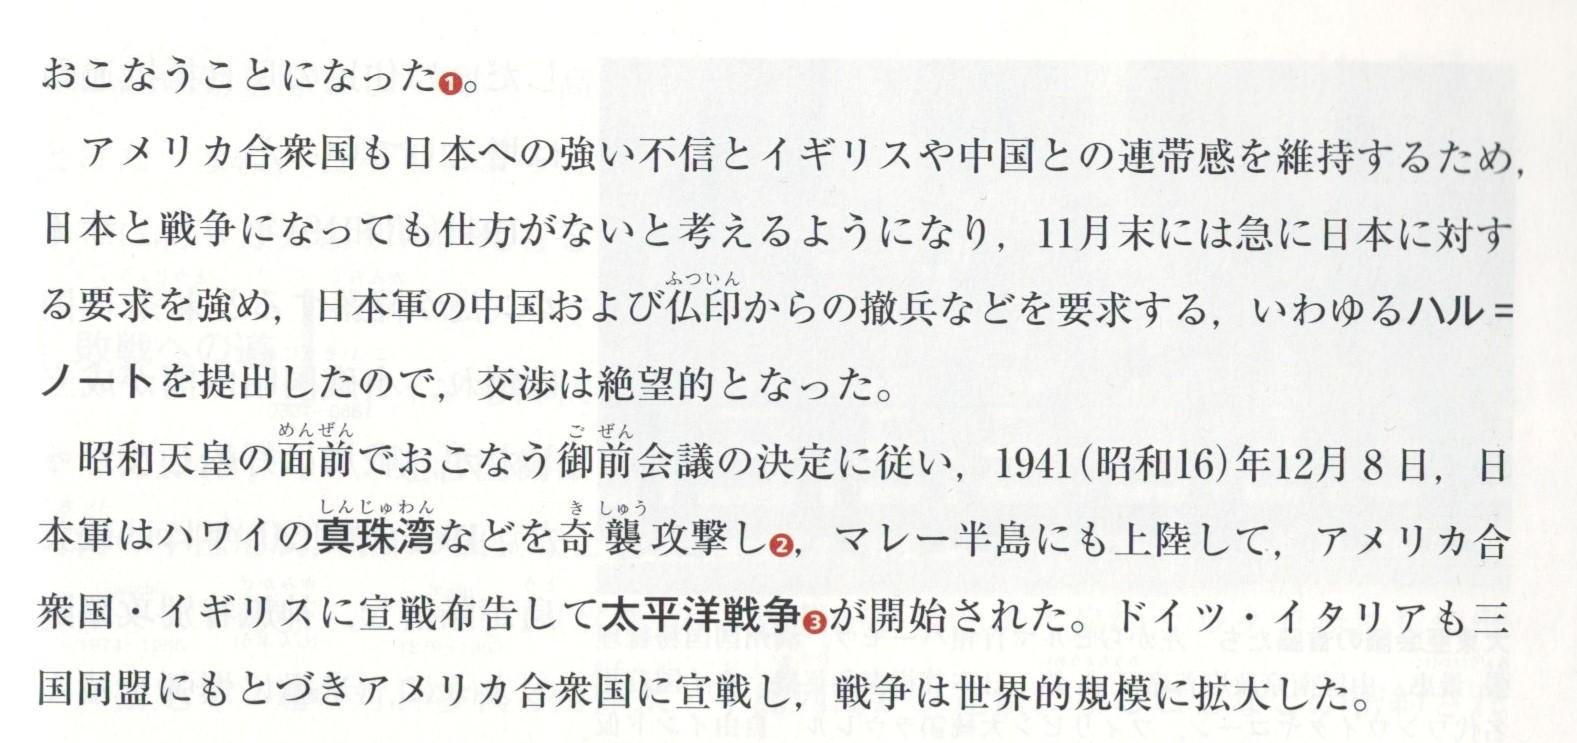 伊藤隆太「『なぜ日本は真珠湾攻撃を避けられなかったのか』そこにある不都合な真実」への疑問_f0030574_23501033.jpg